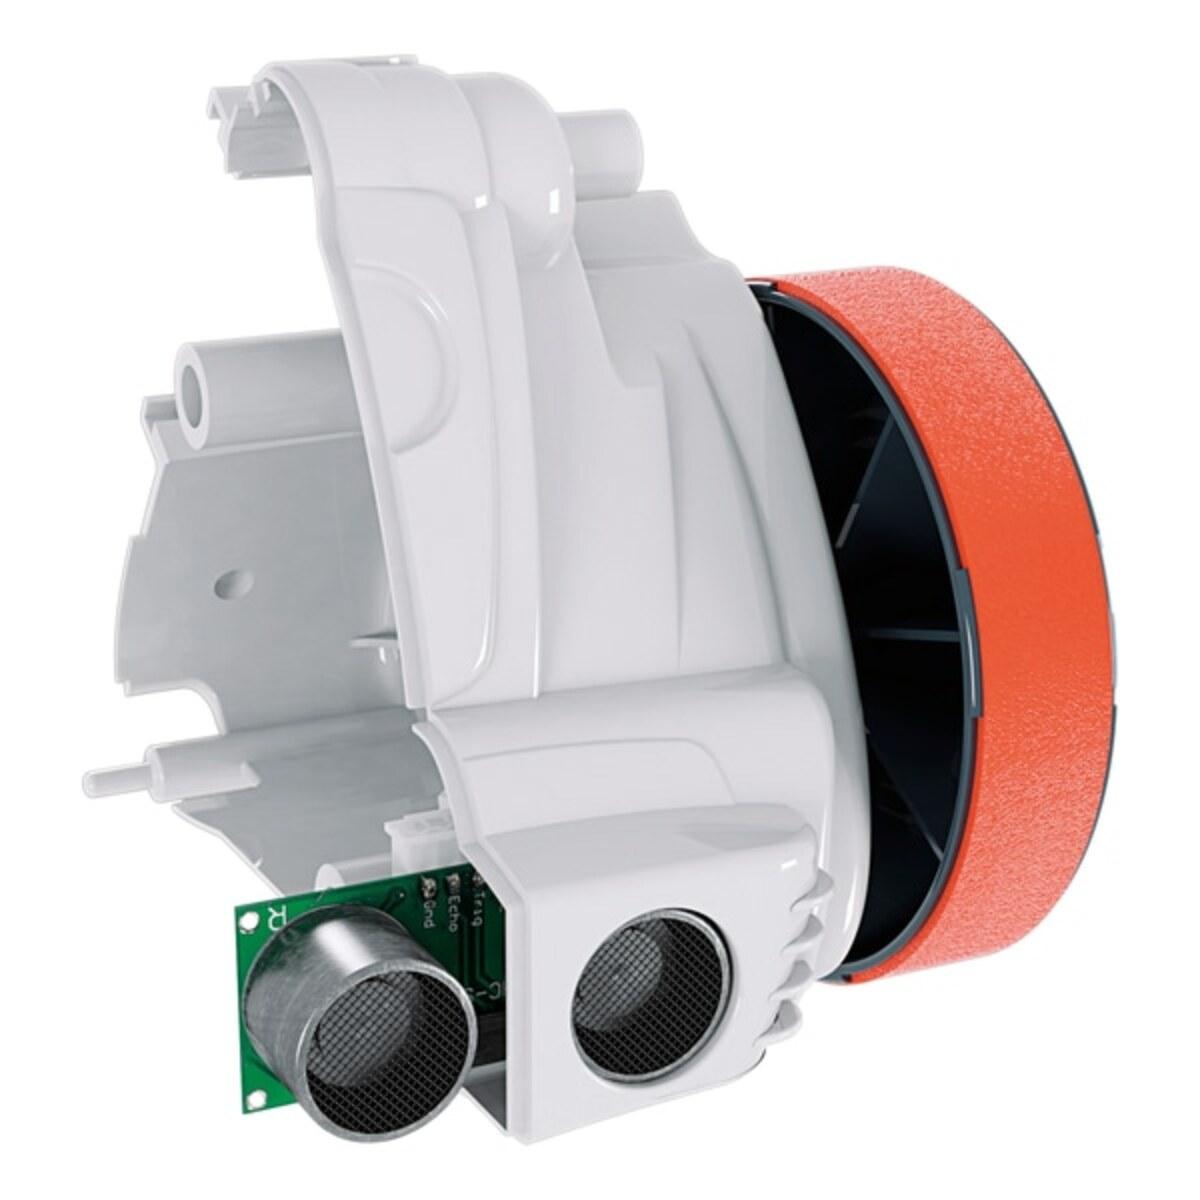 Bild 3 von Galileo Technologic - Mein Roboter MC 4.0